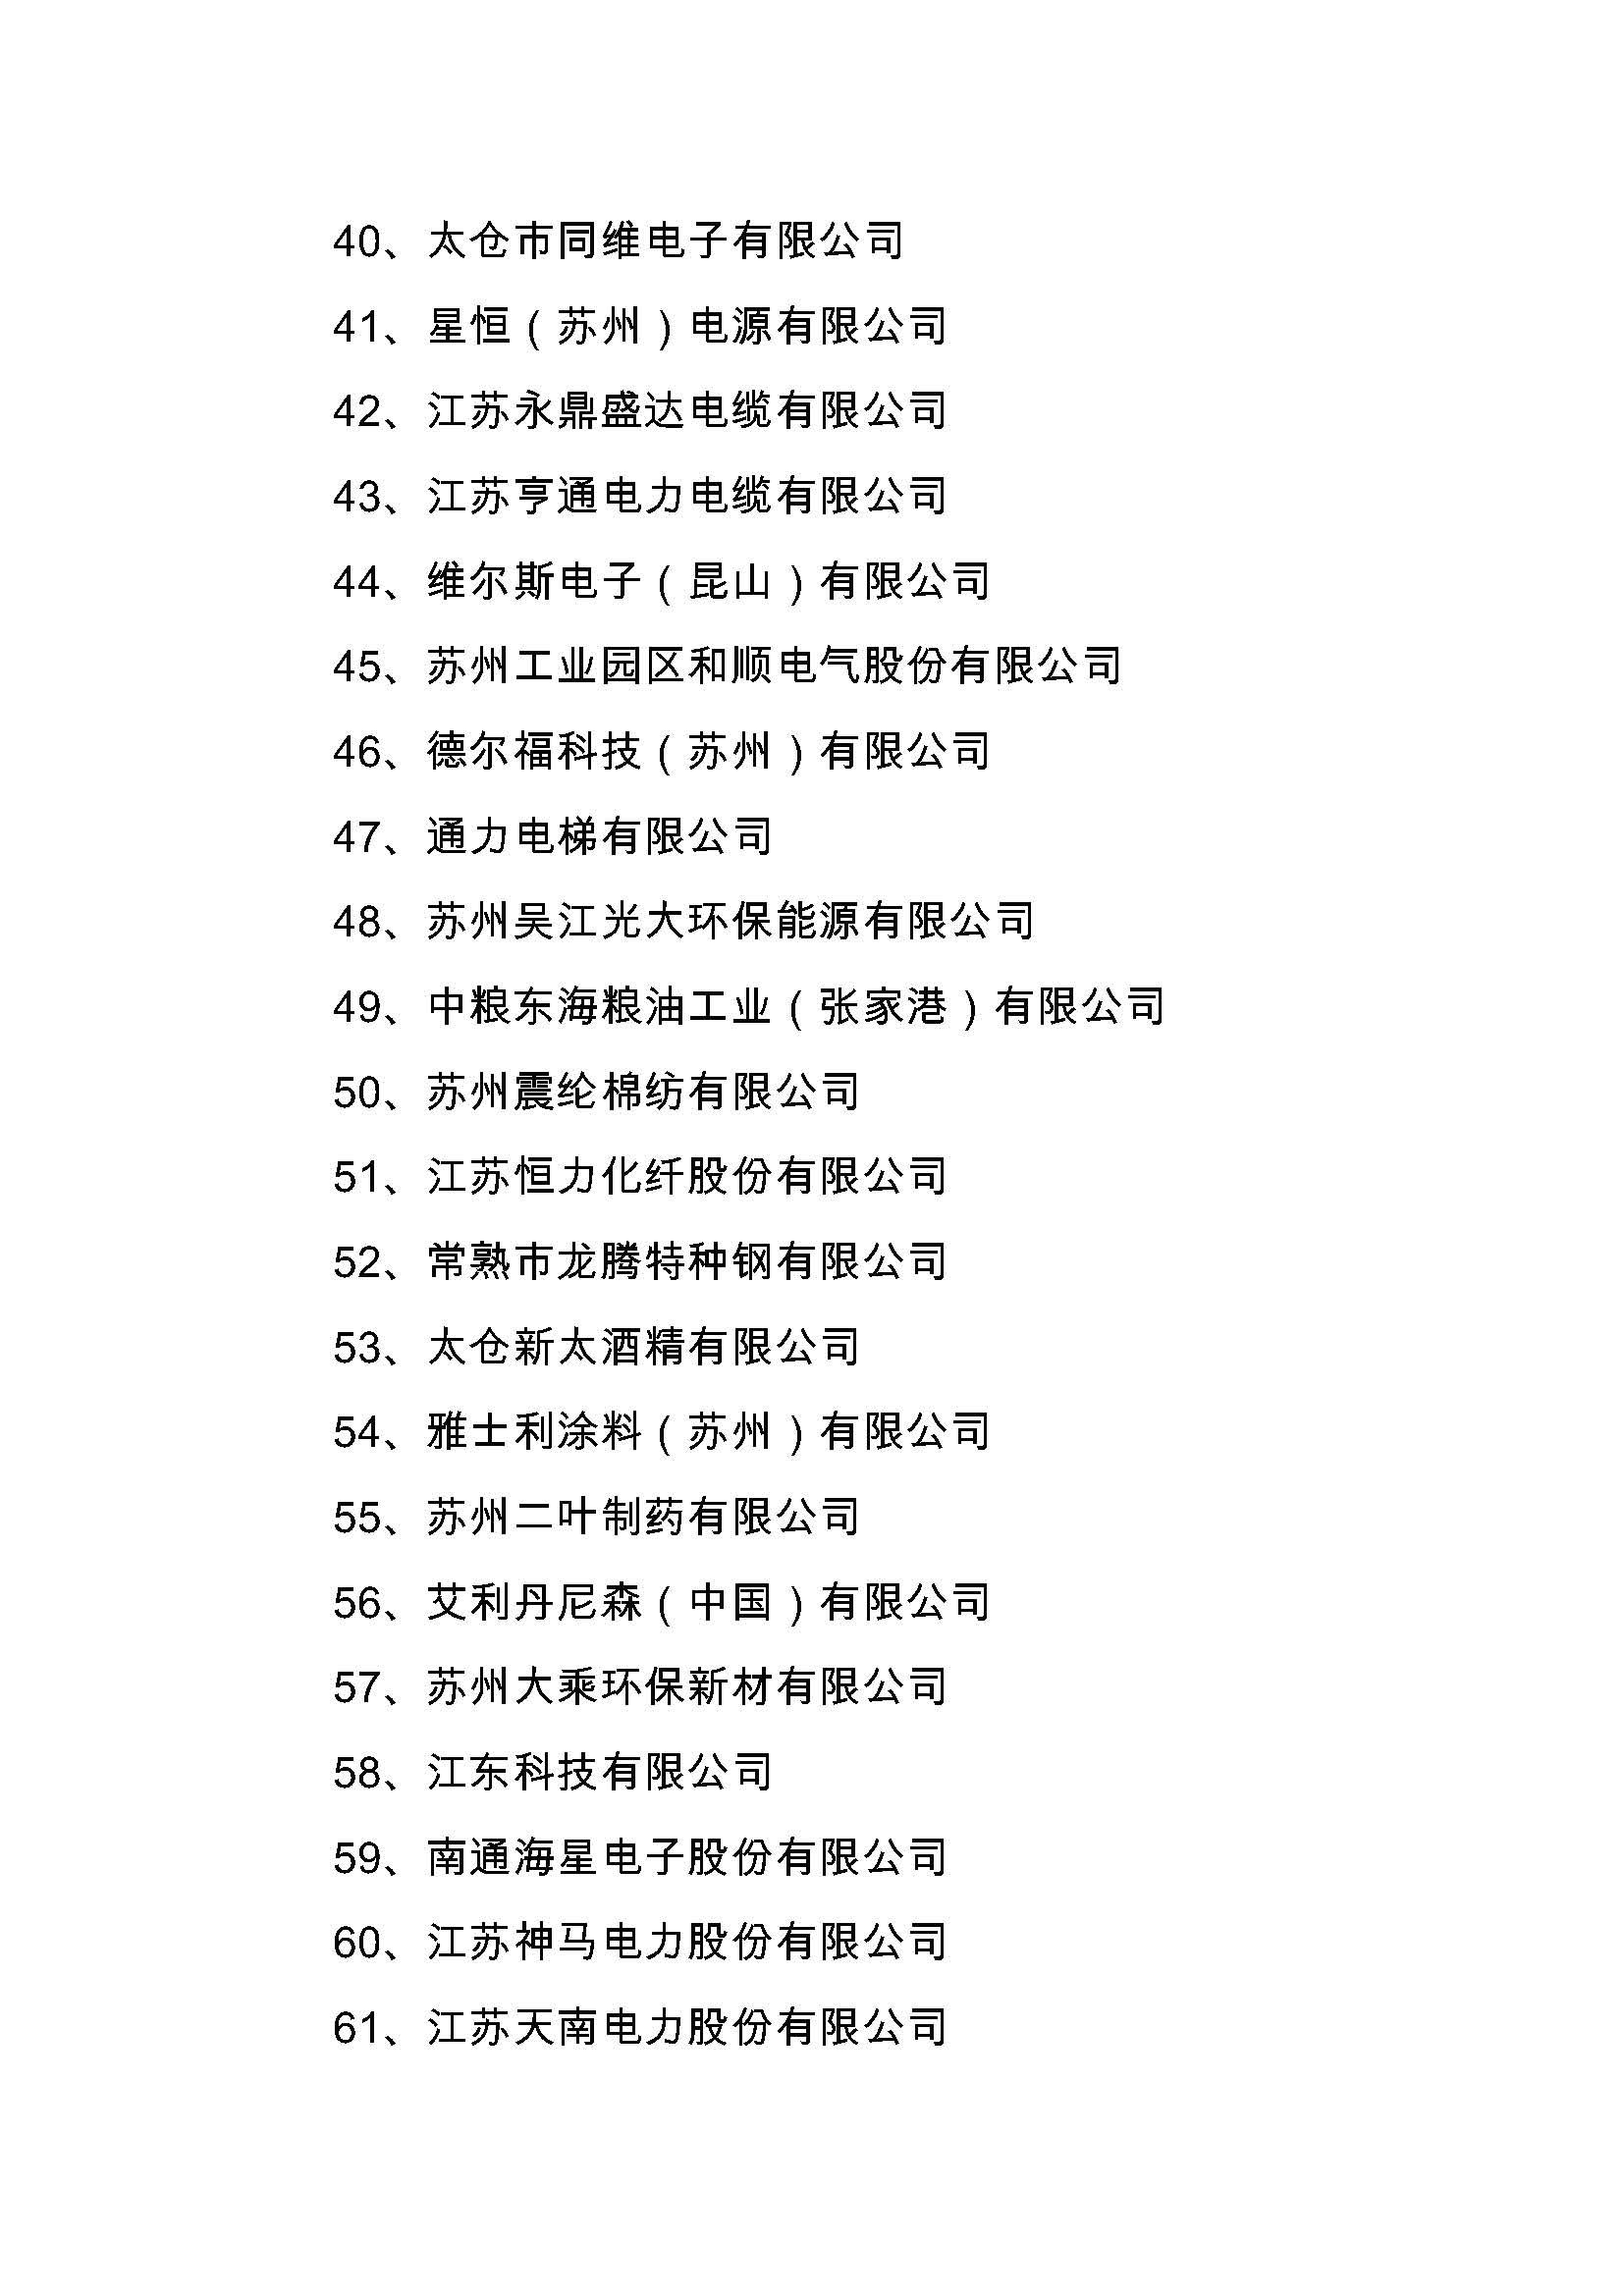 附件:2020年江苏省绿色工厂(第一批)拟入围名单_页面_3.jpg